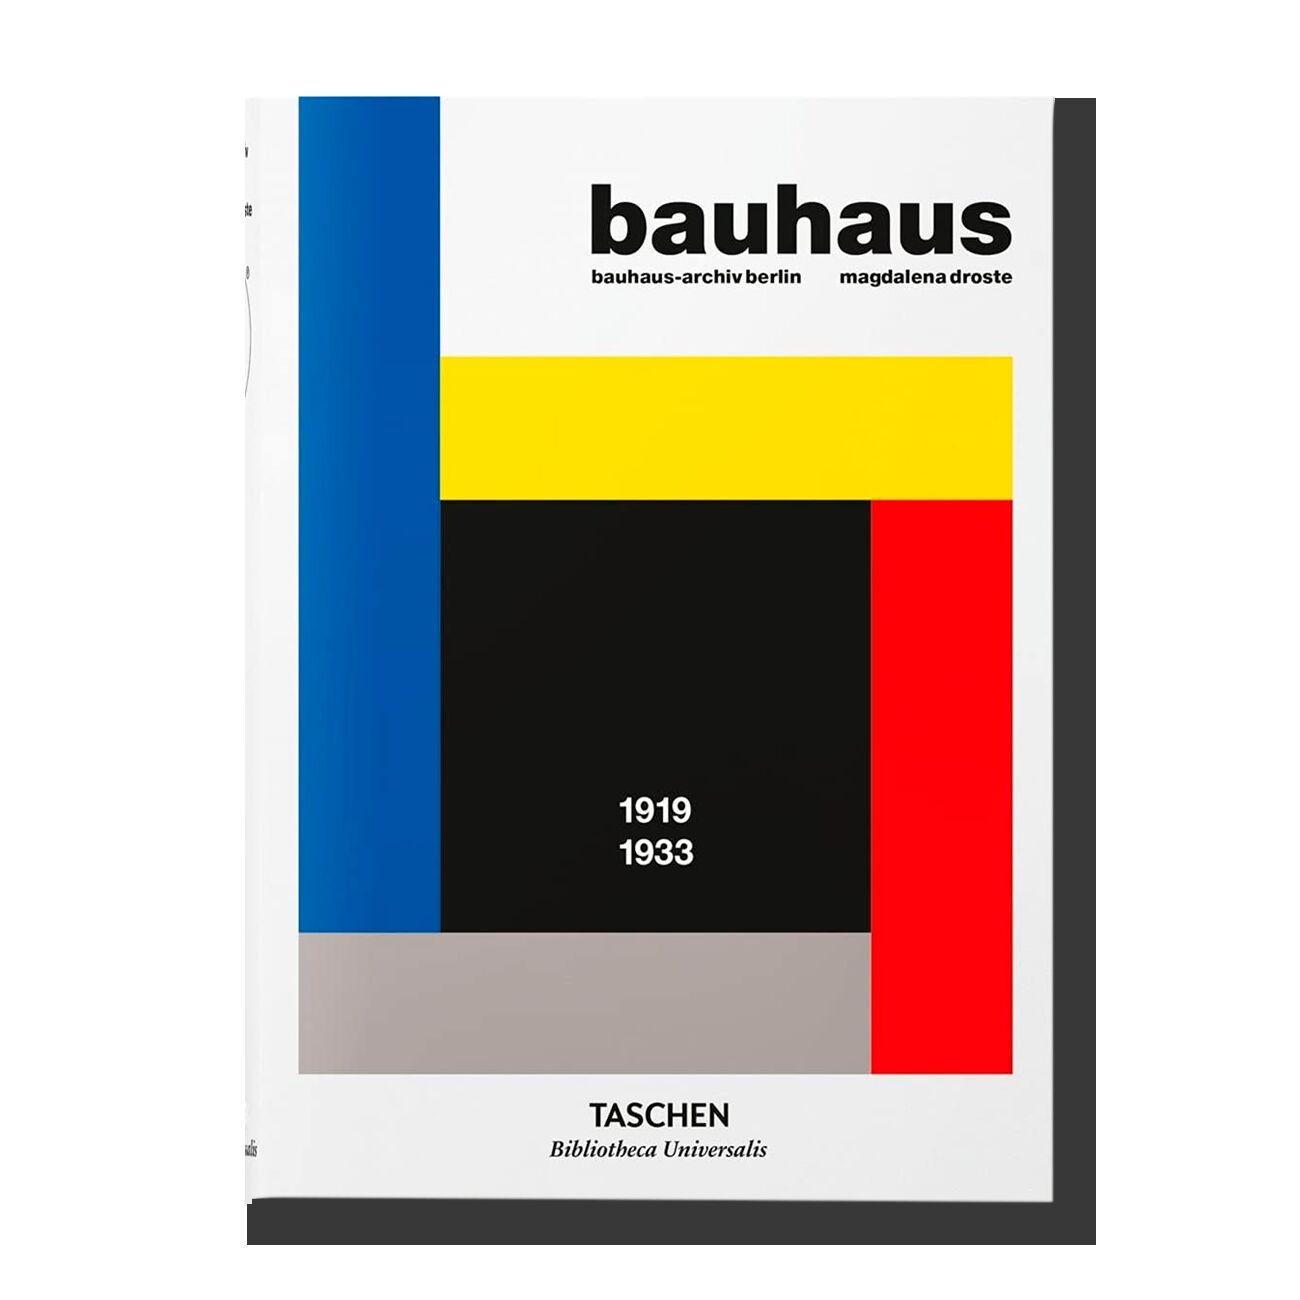 Bauhaus (Bibliotheca Universalis)